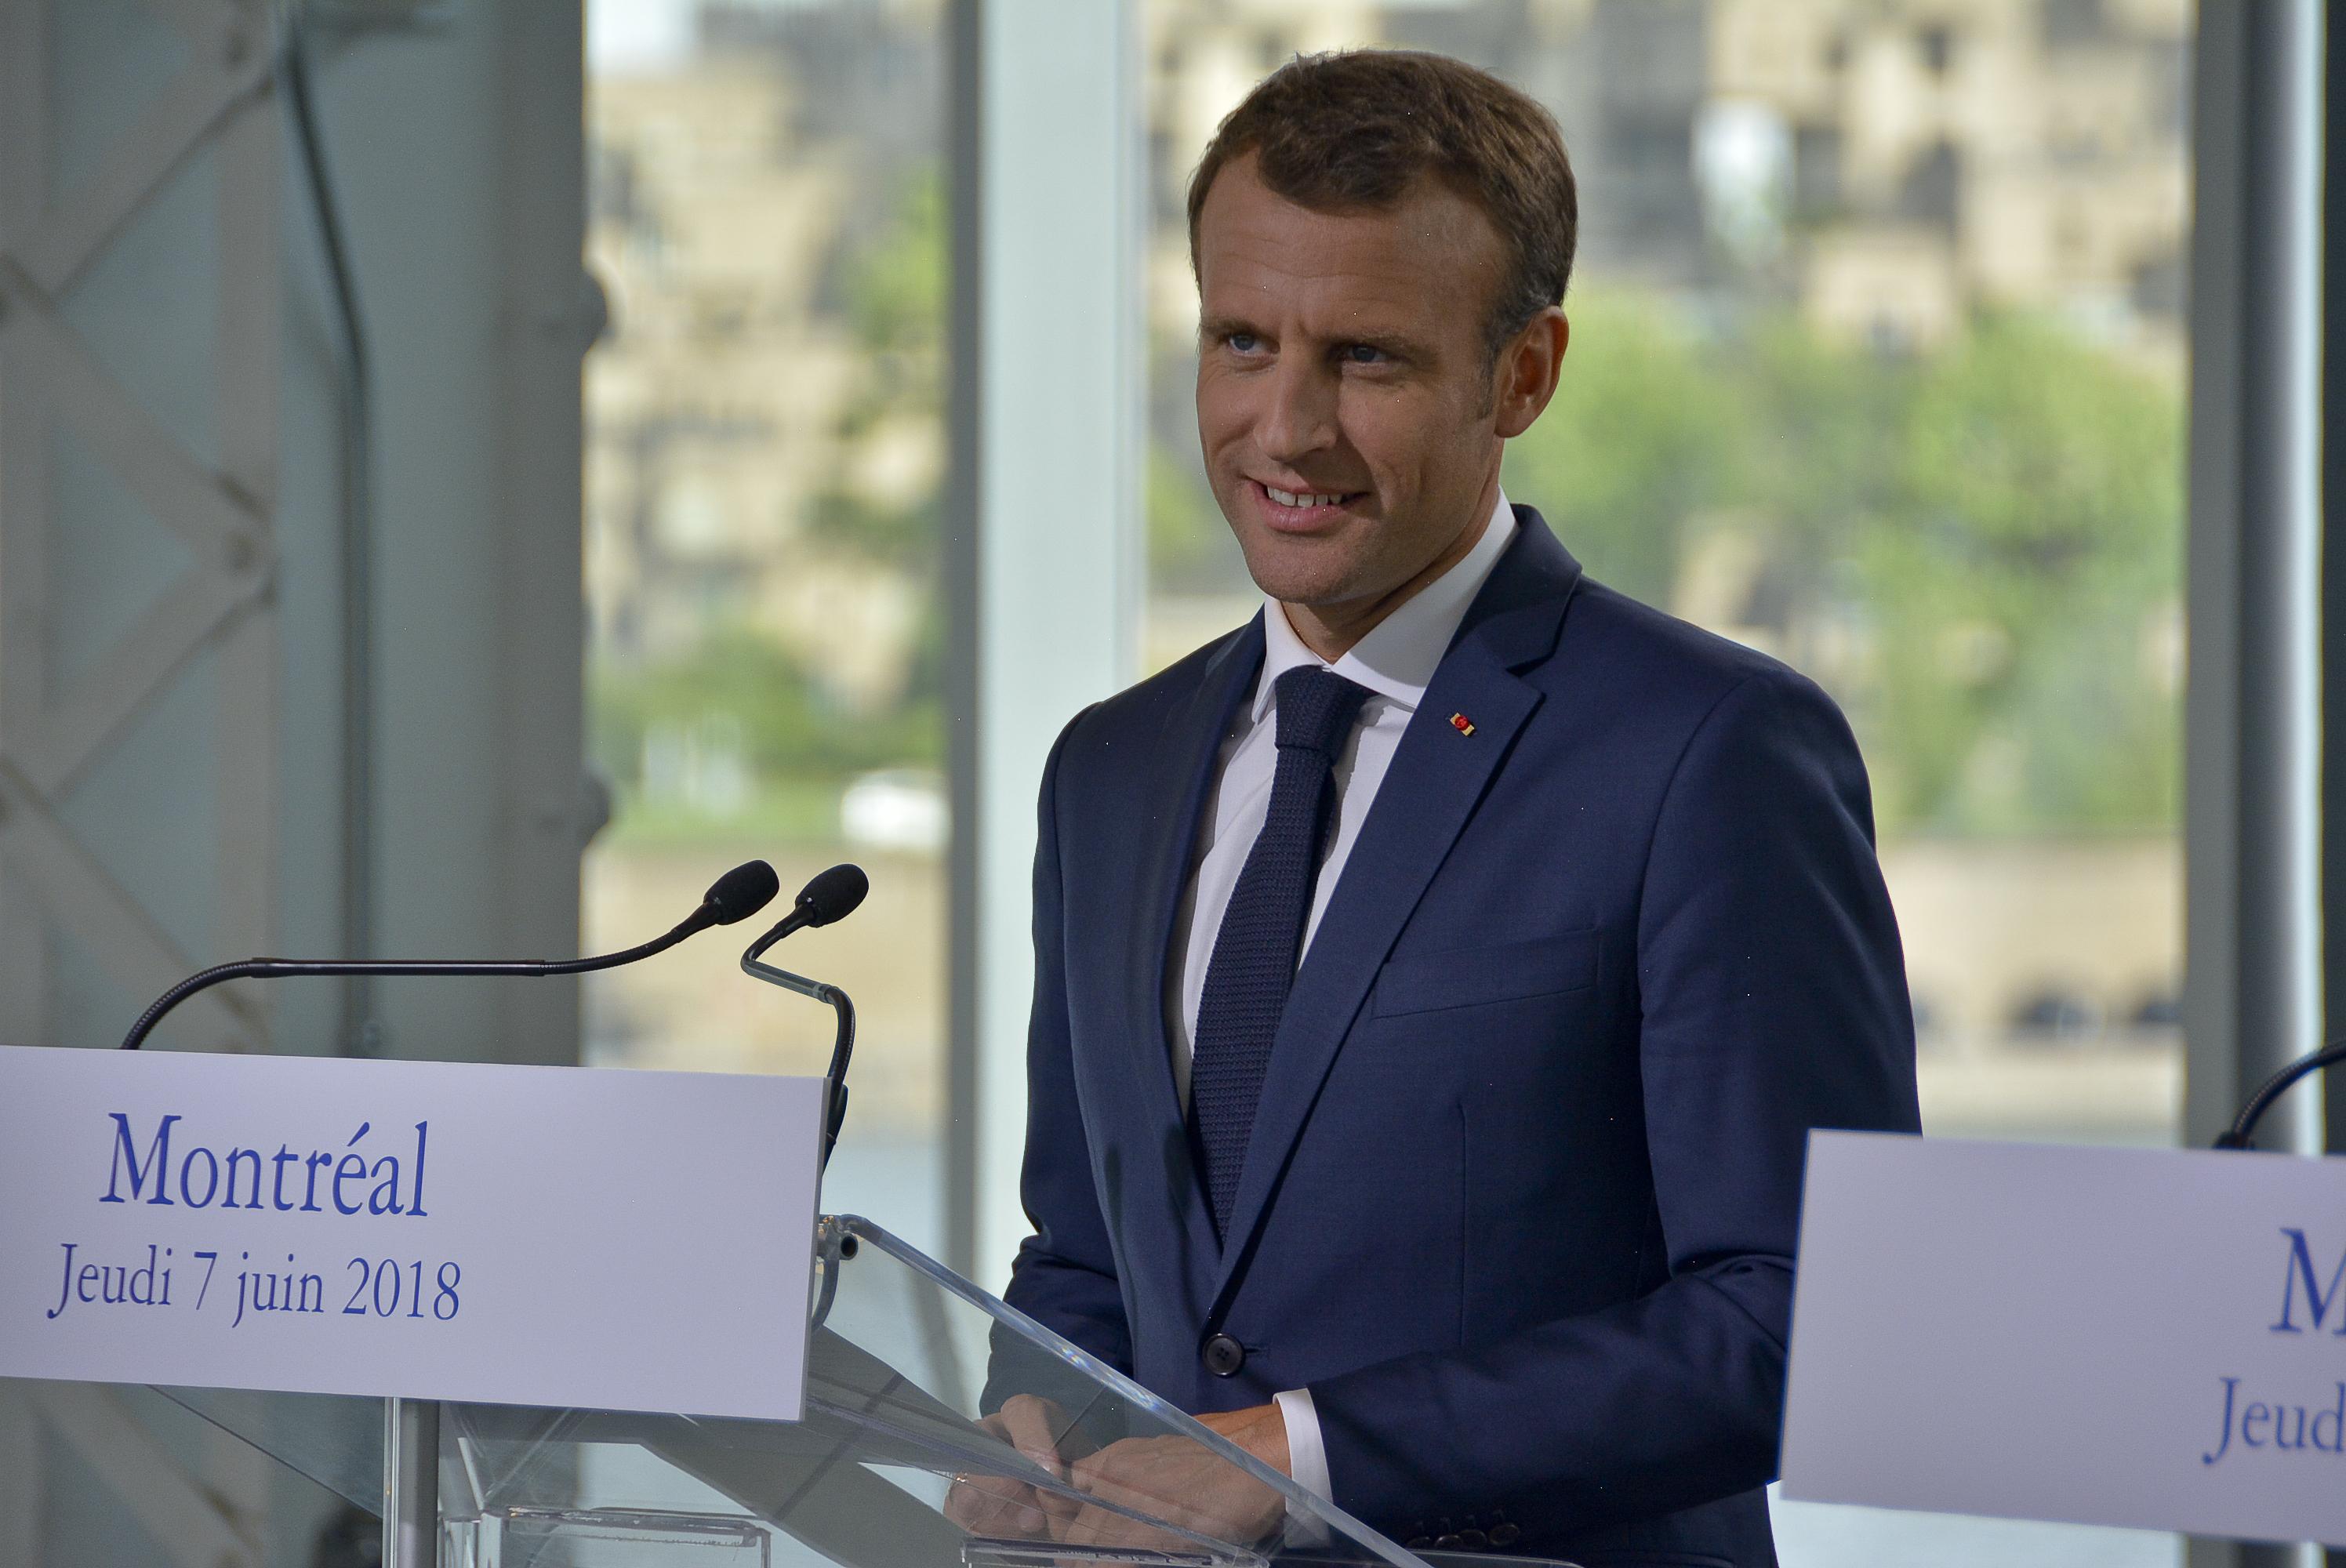 Le président Emmanuel Macron fait un passage éclair à Montréal